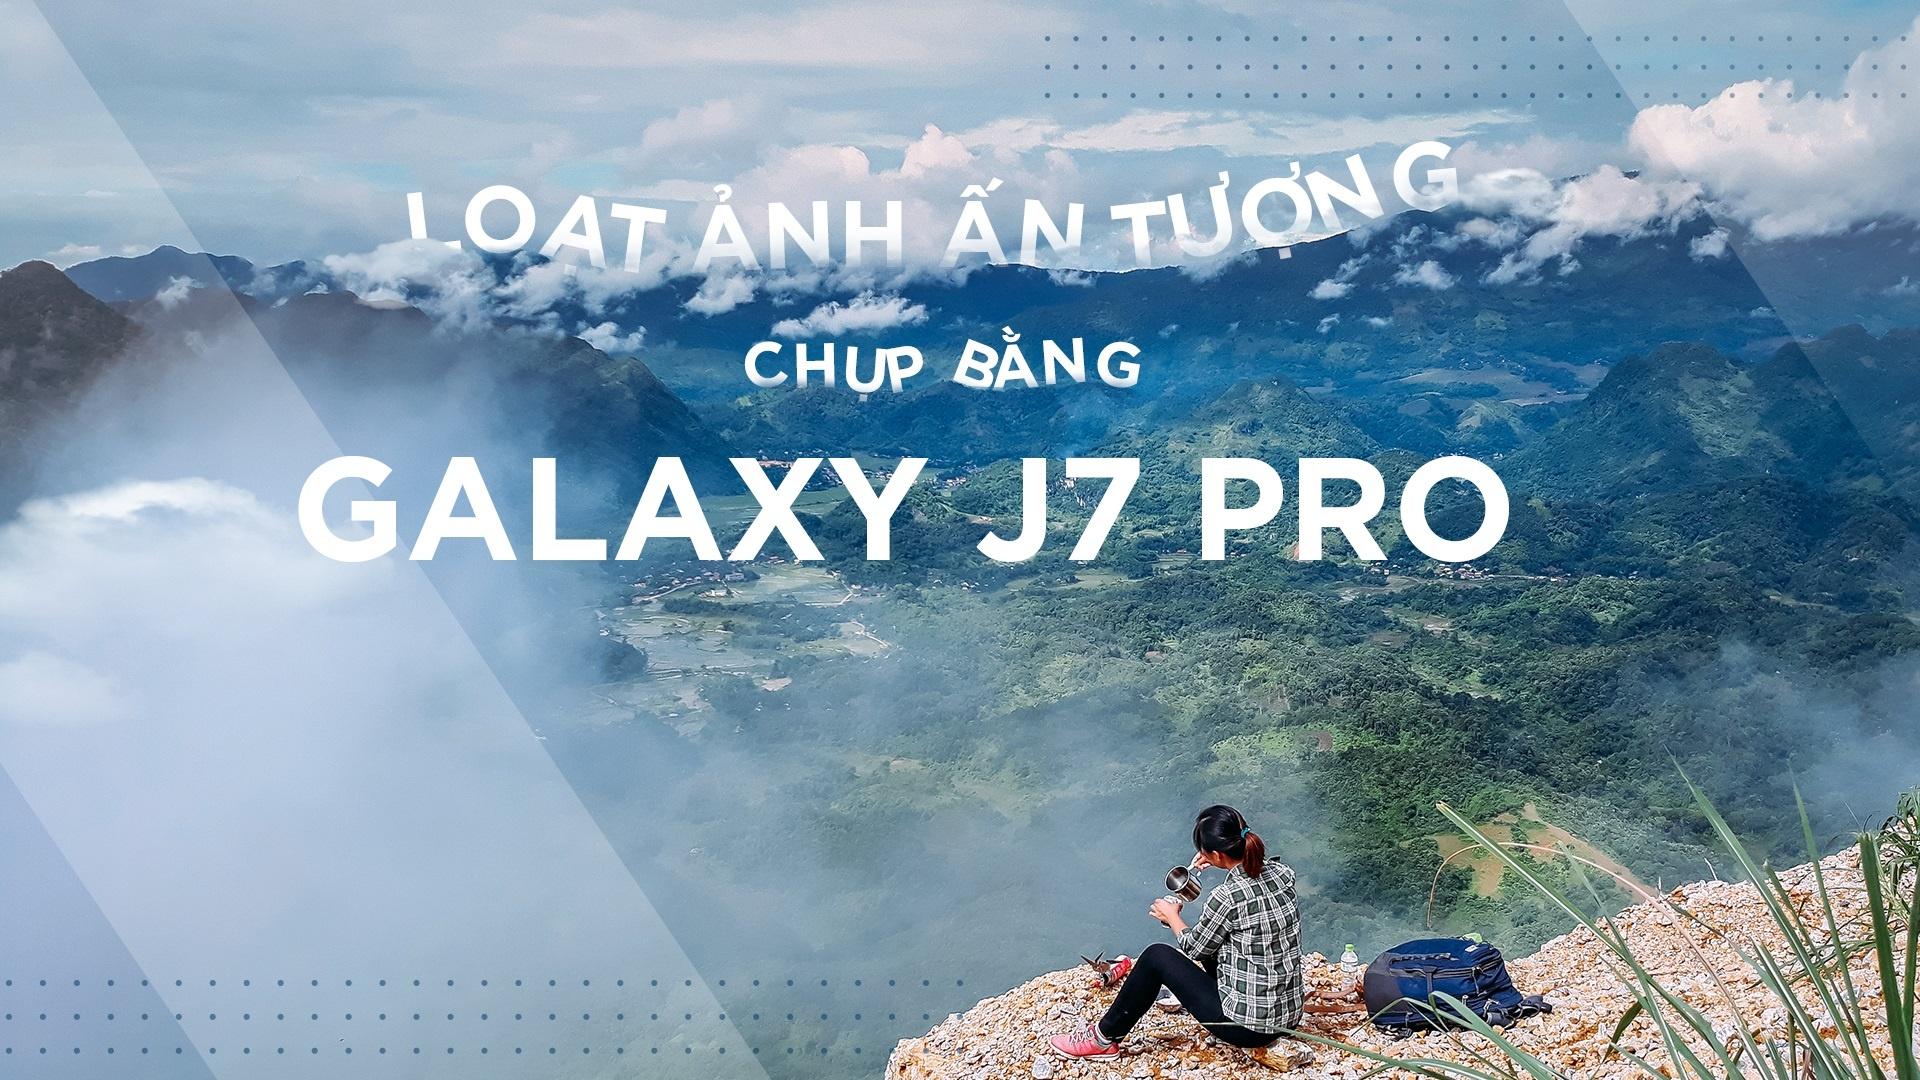 Loat anh an tuong chup bang Galaxy J7 Pro hinh anh 1